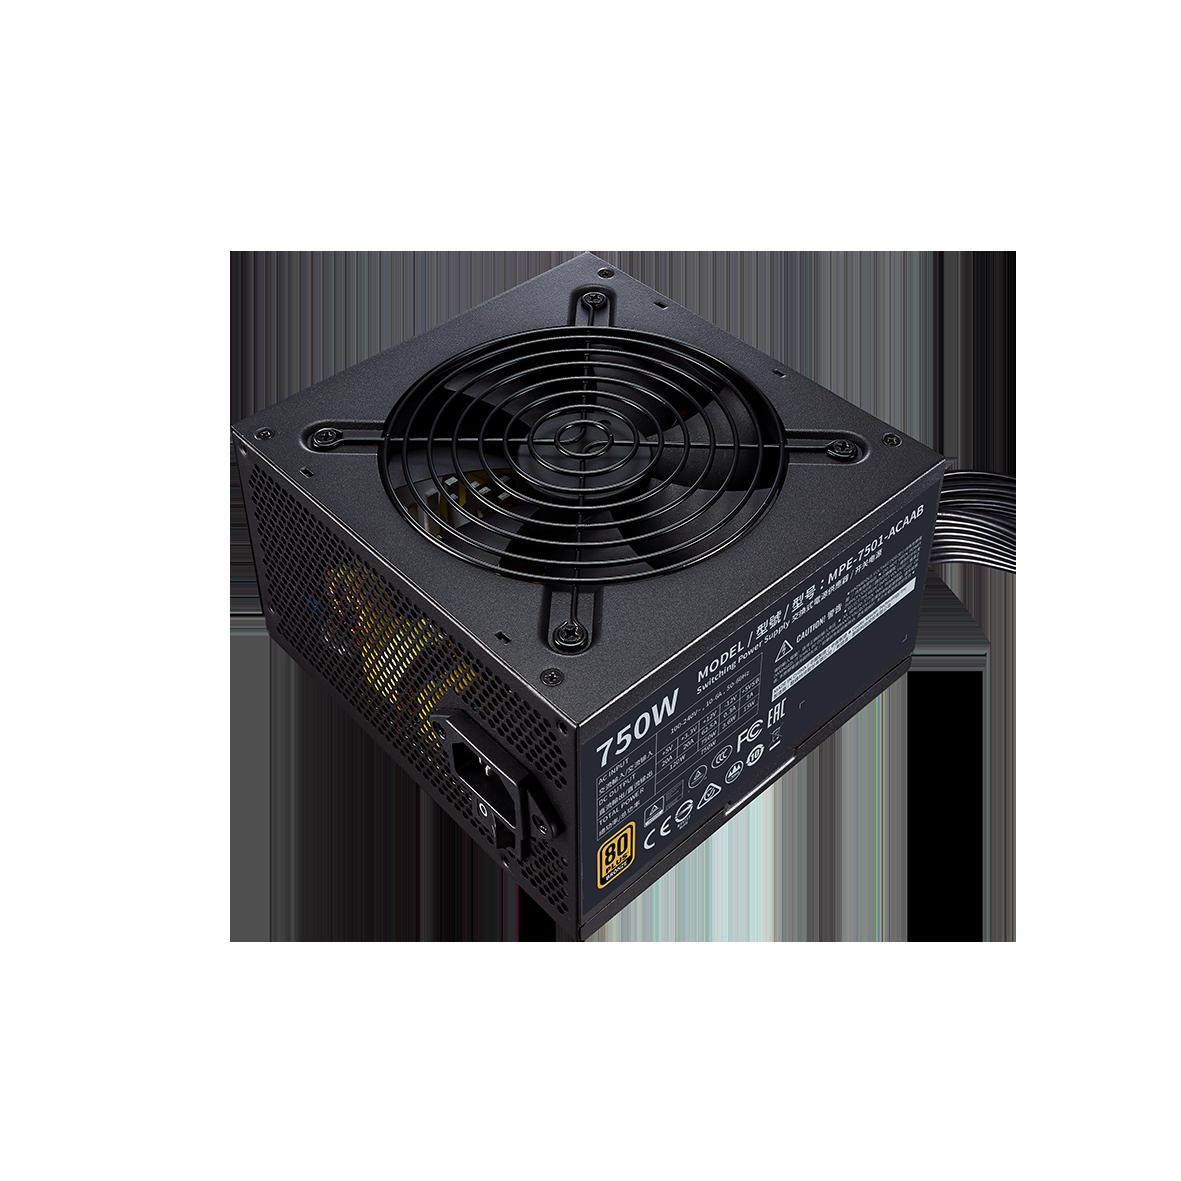 FUENTE REAL 750W 80P BRONZE V2 - COOLER MASTER